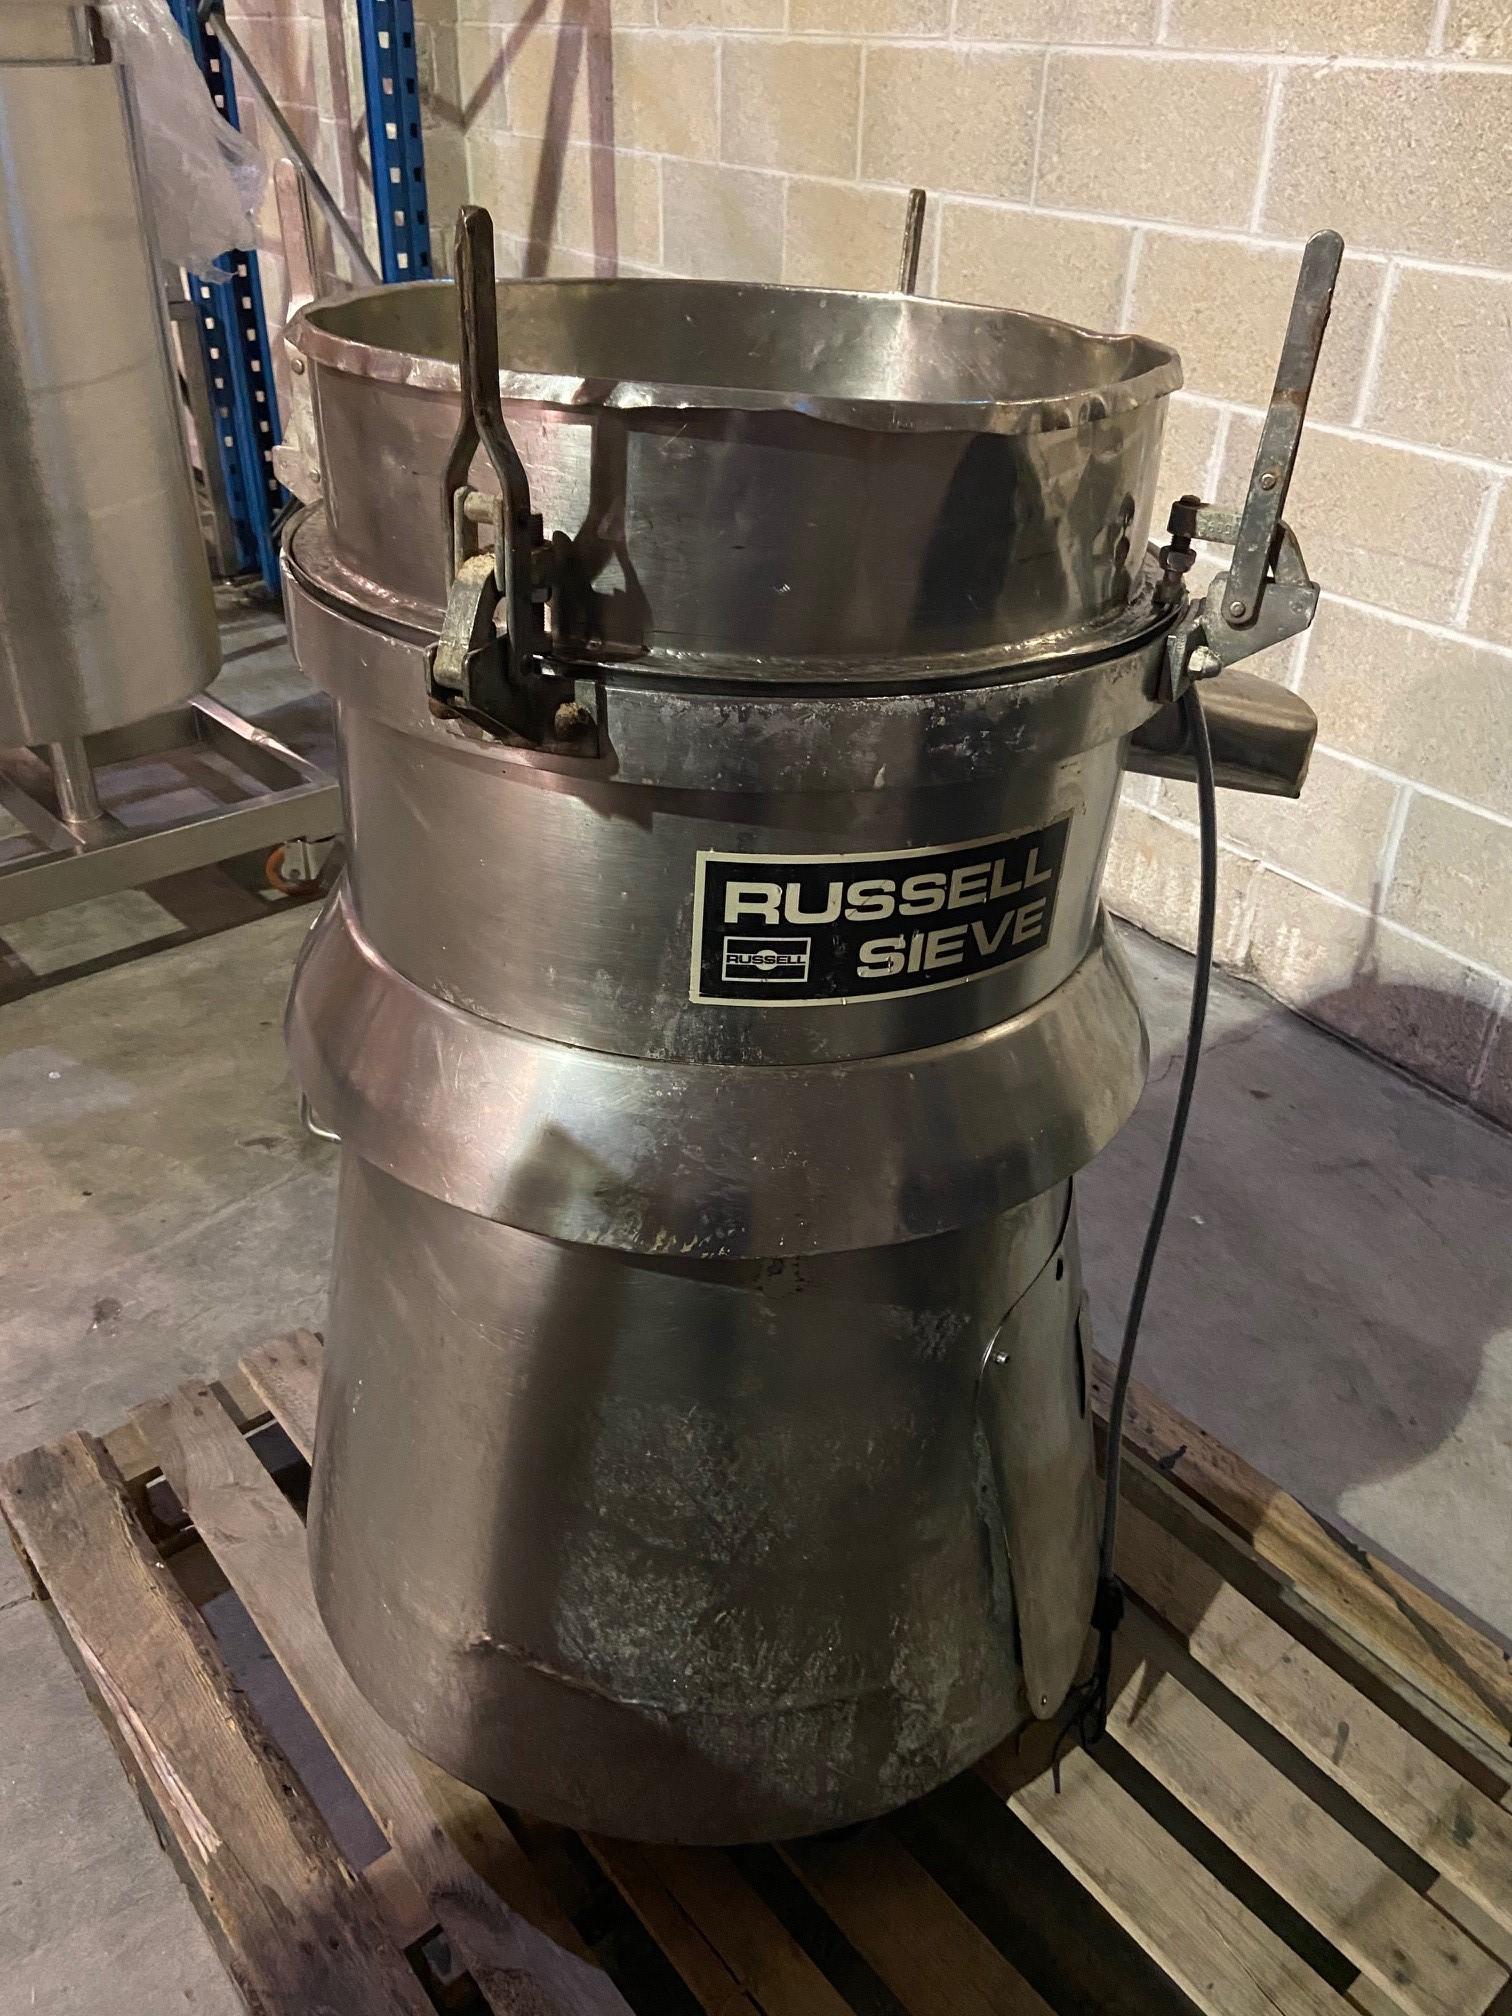 Lot 147 - Russell, mobile vibrating flour sieve hopper